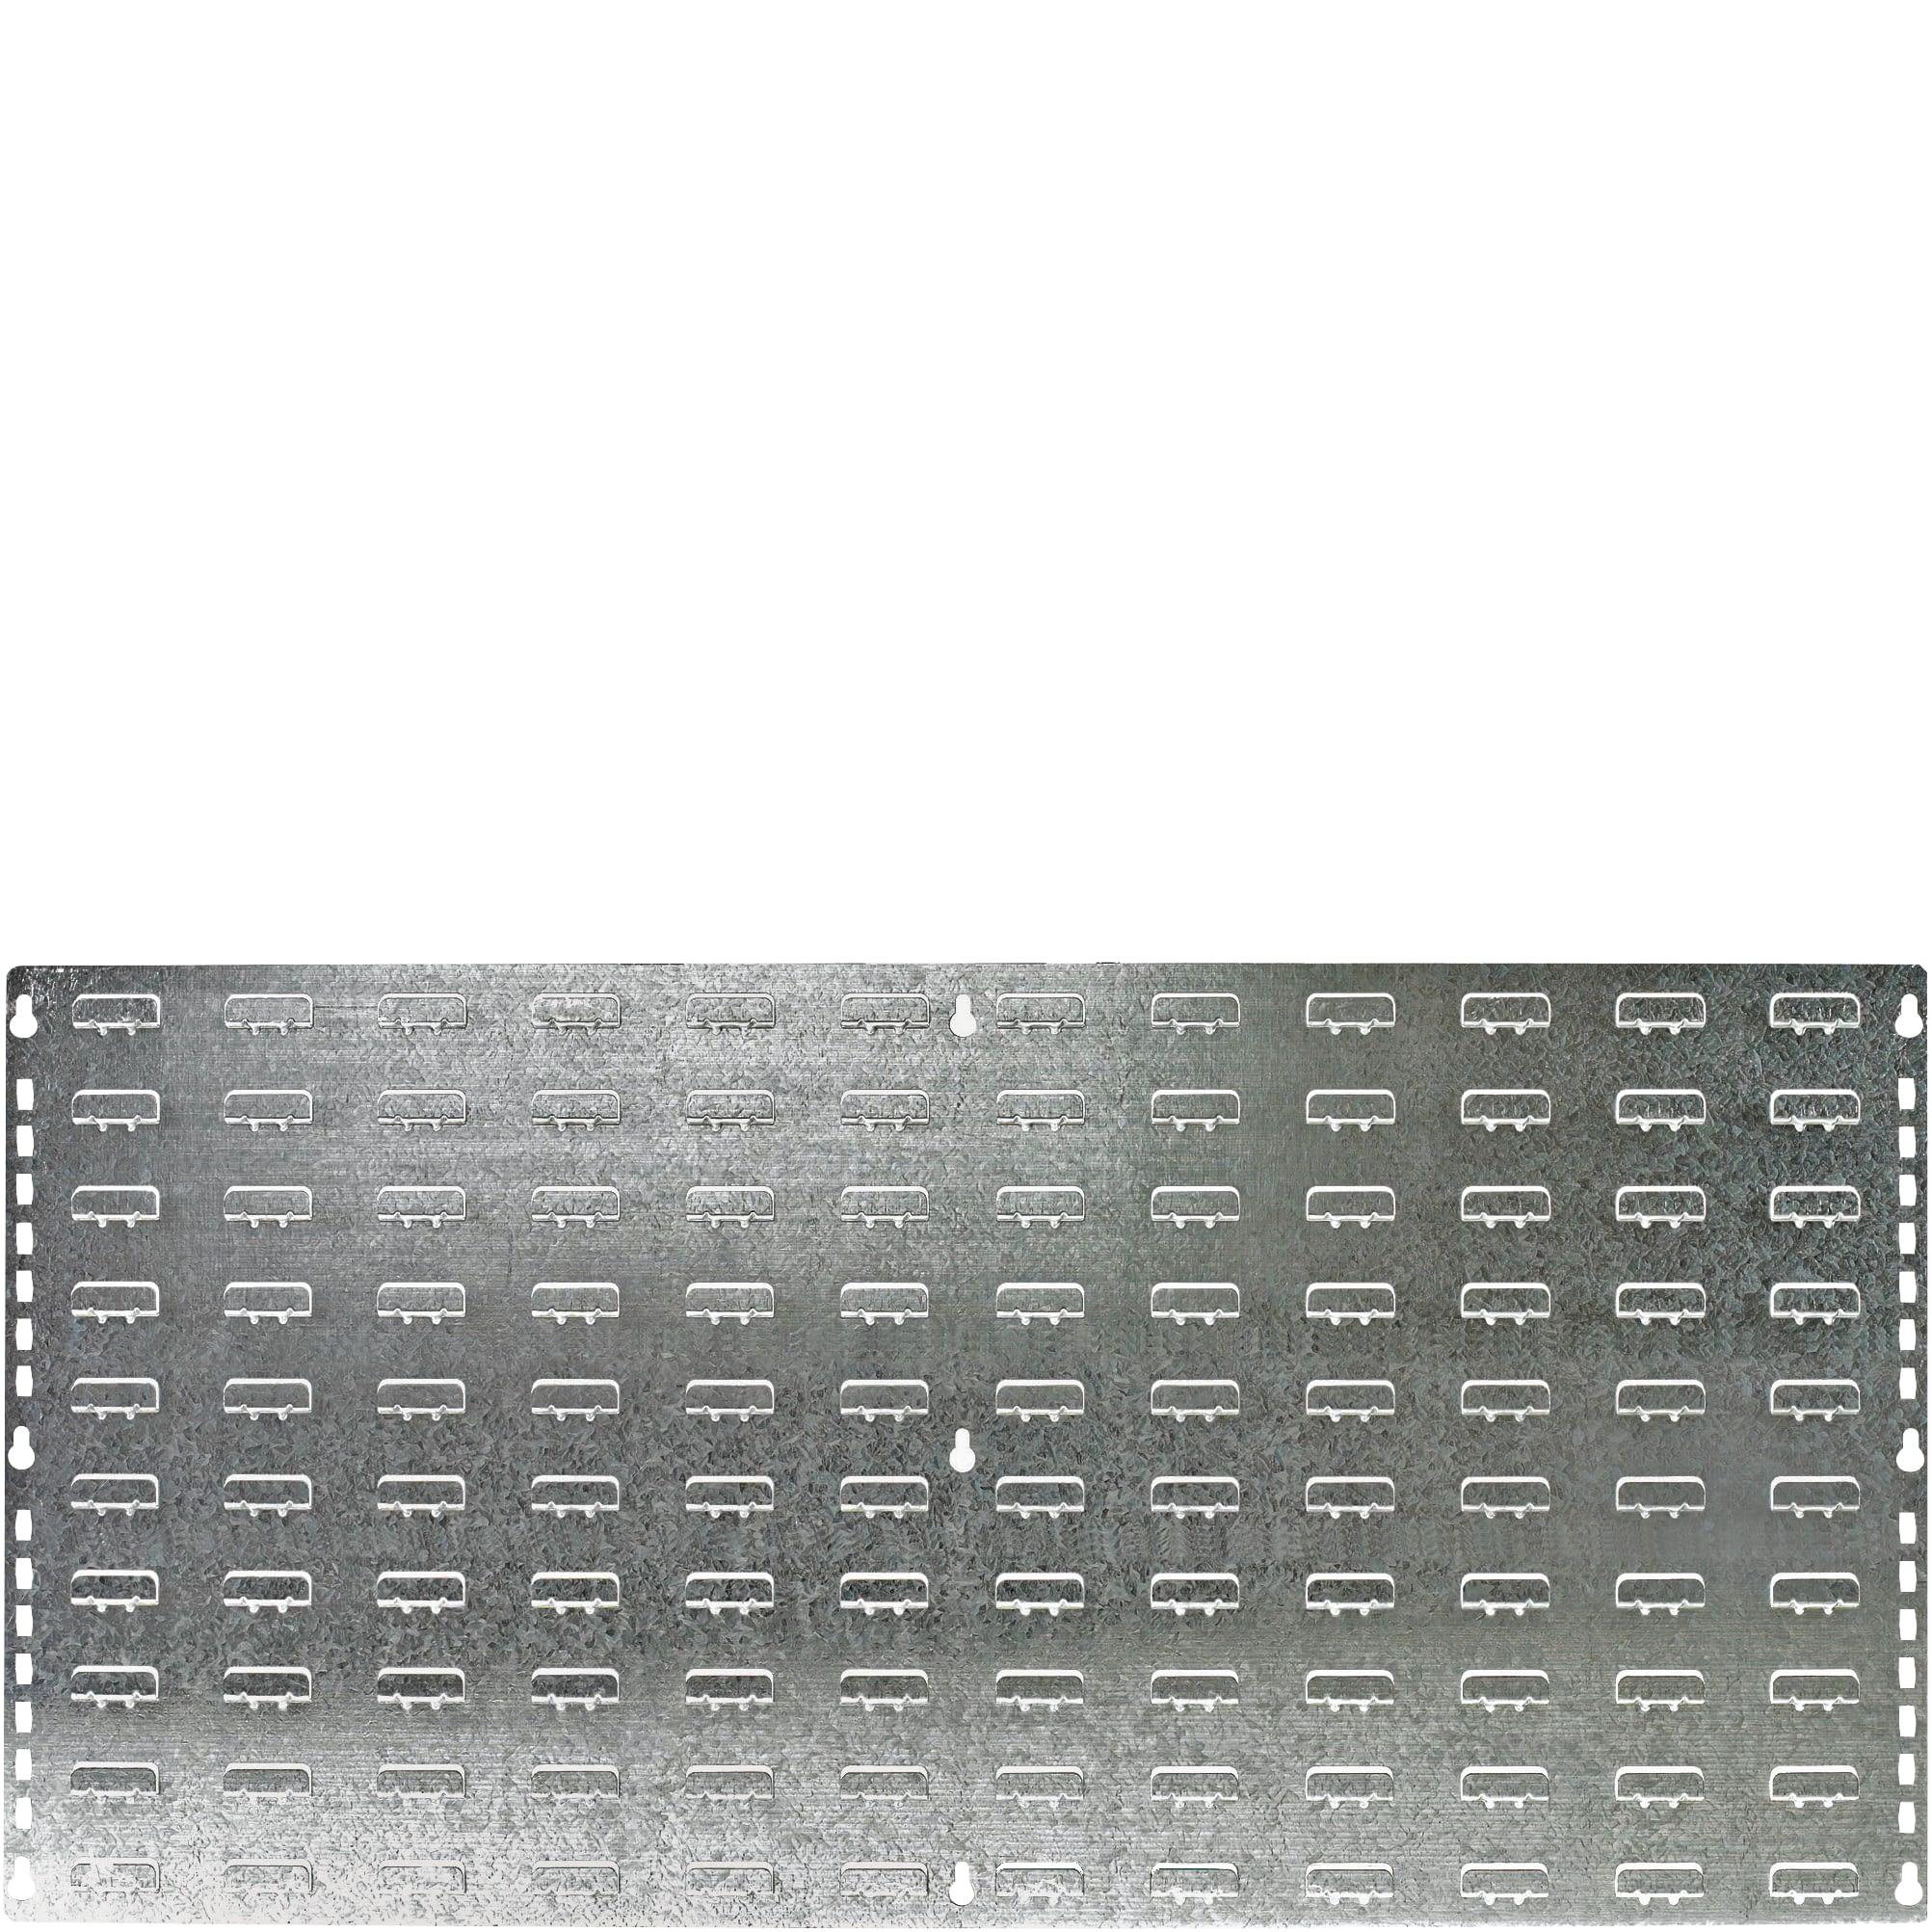 Schlitzplatten für Regal Rückwände | BITO